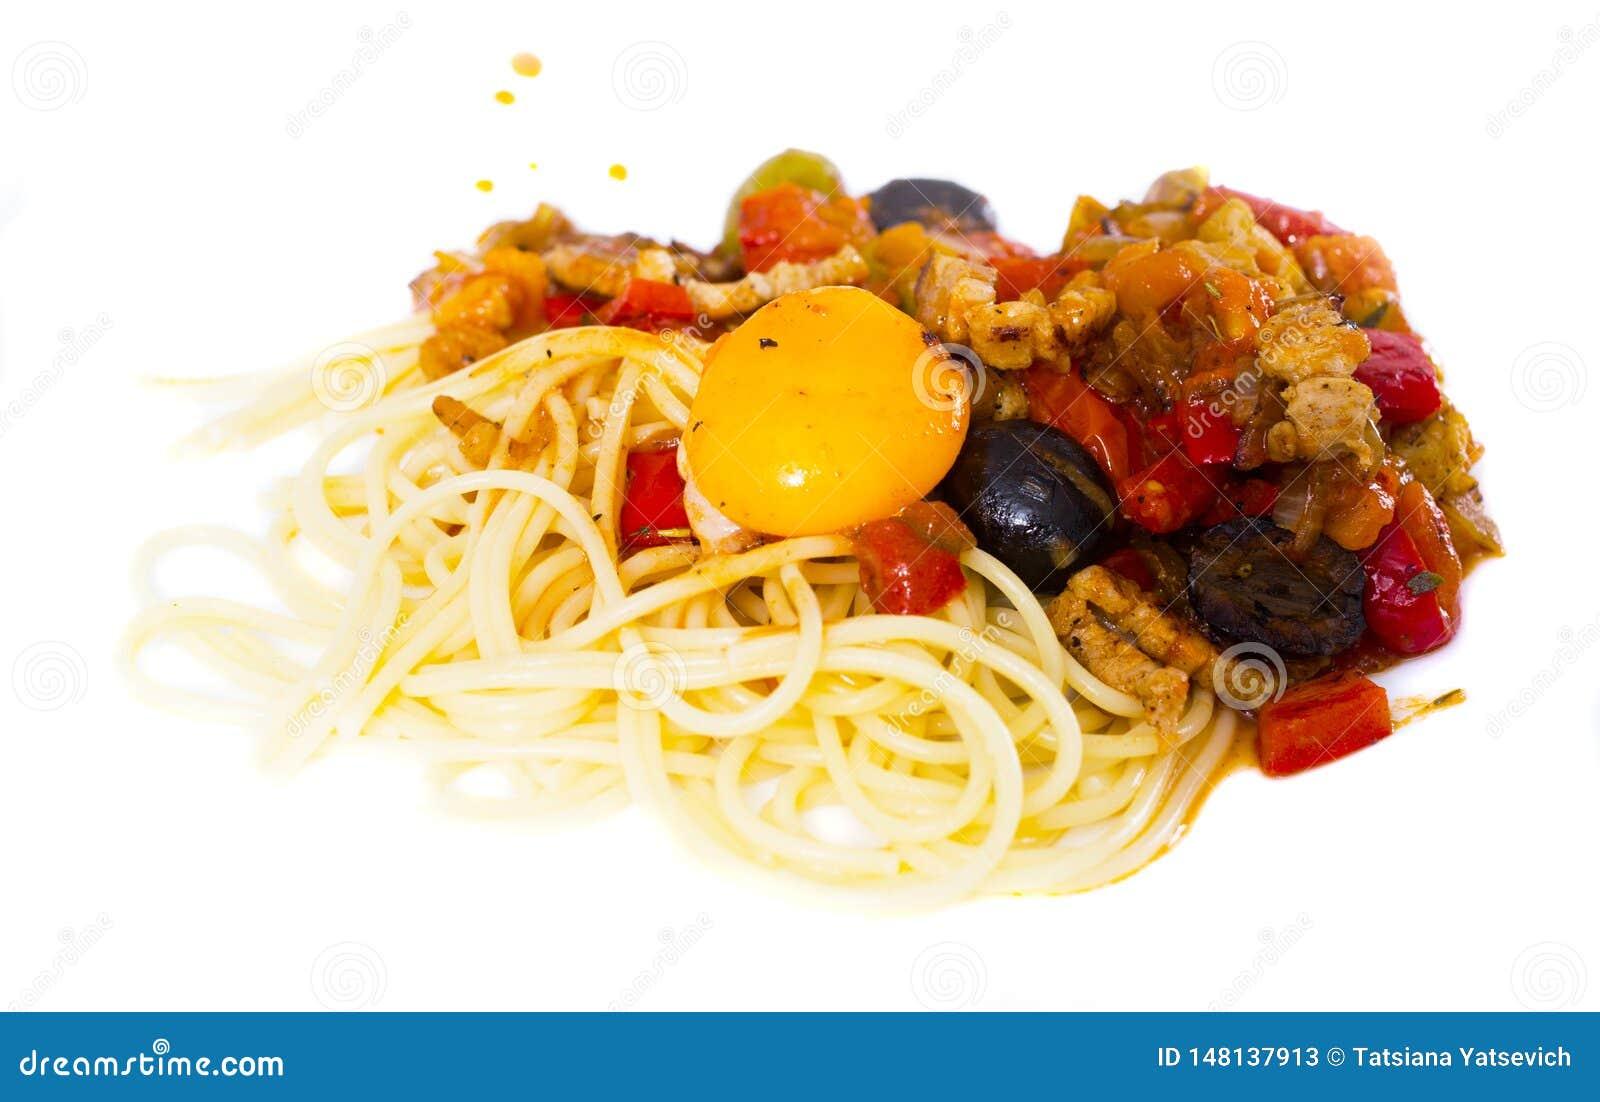 与菜的面团烤了在白色板材的肉和烤蛋卵黄质